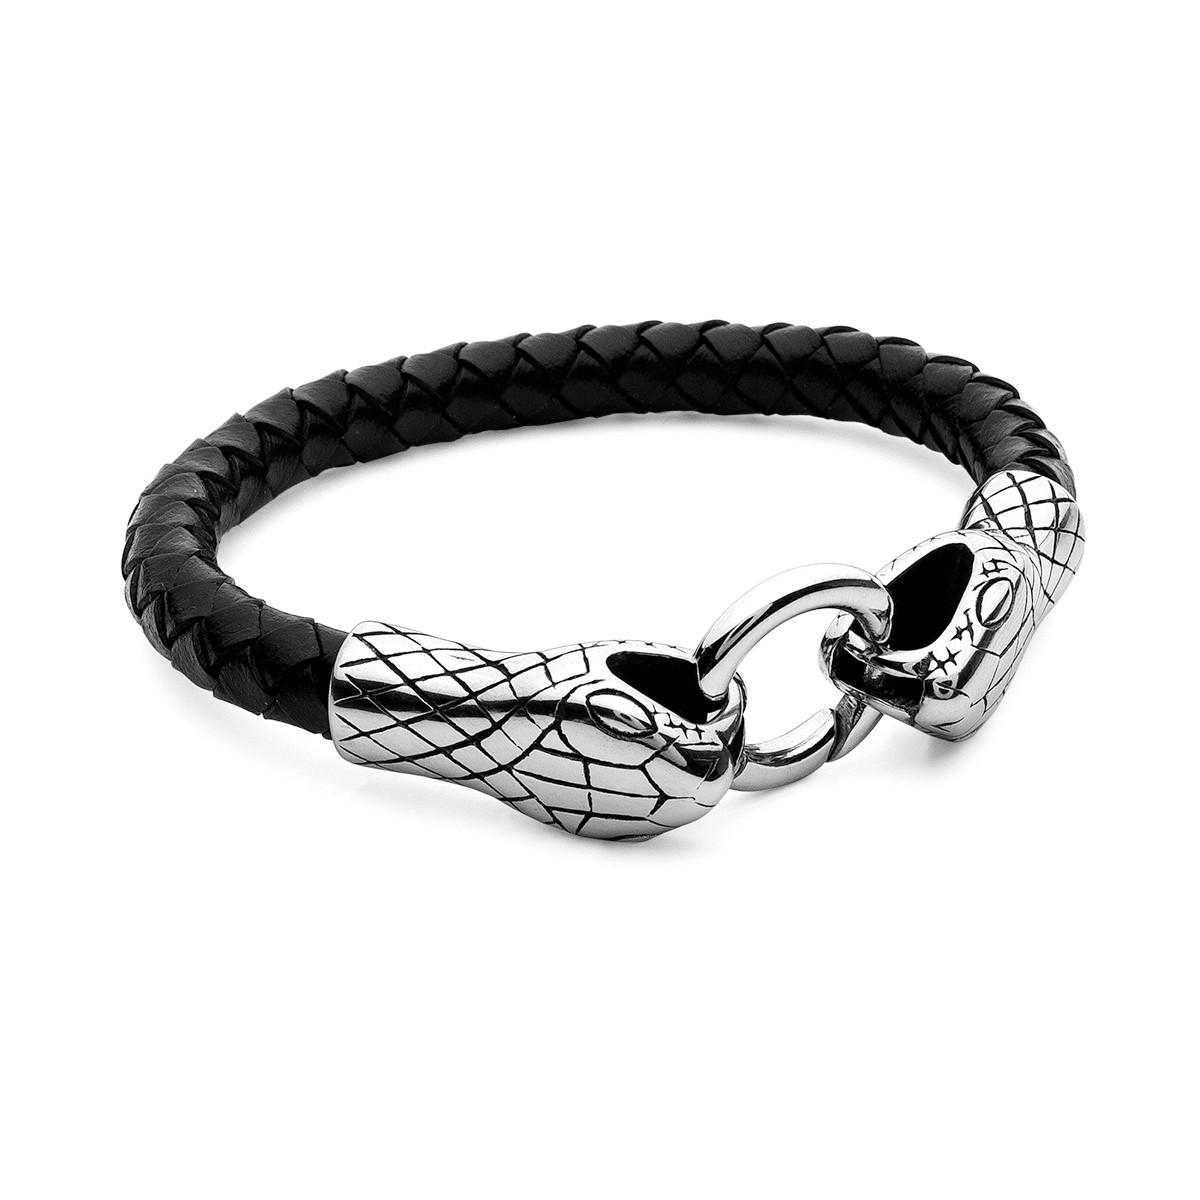 Bracciale in cuoio con serpente, acciaio – modello 019